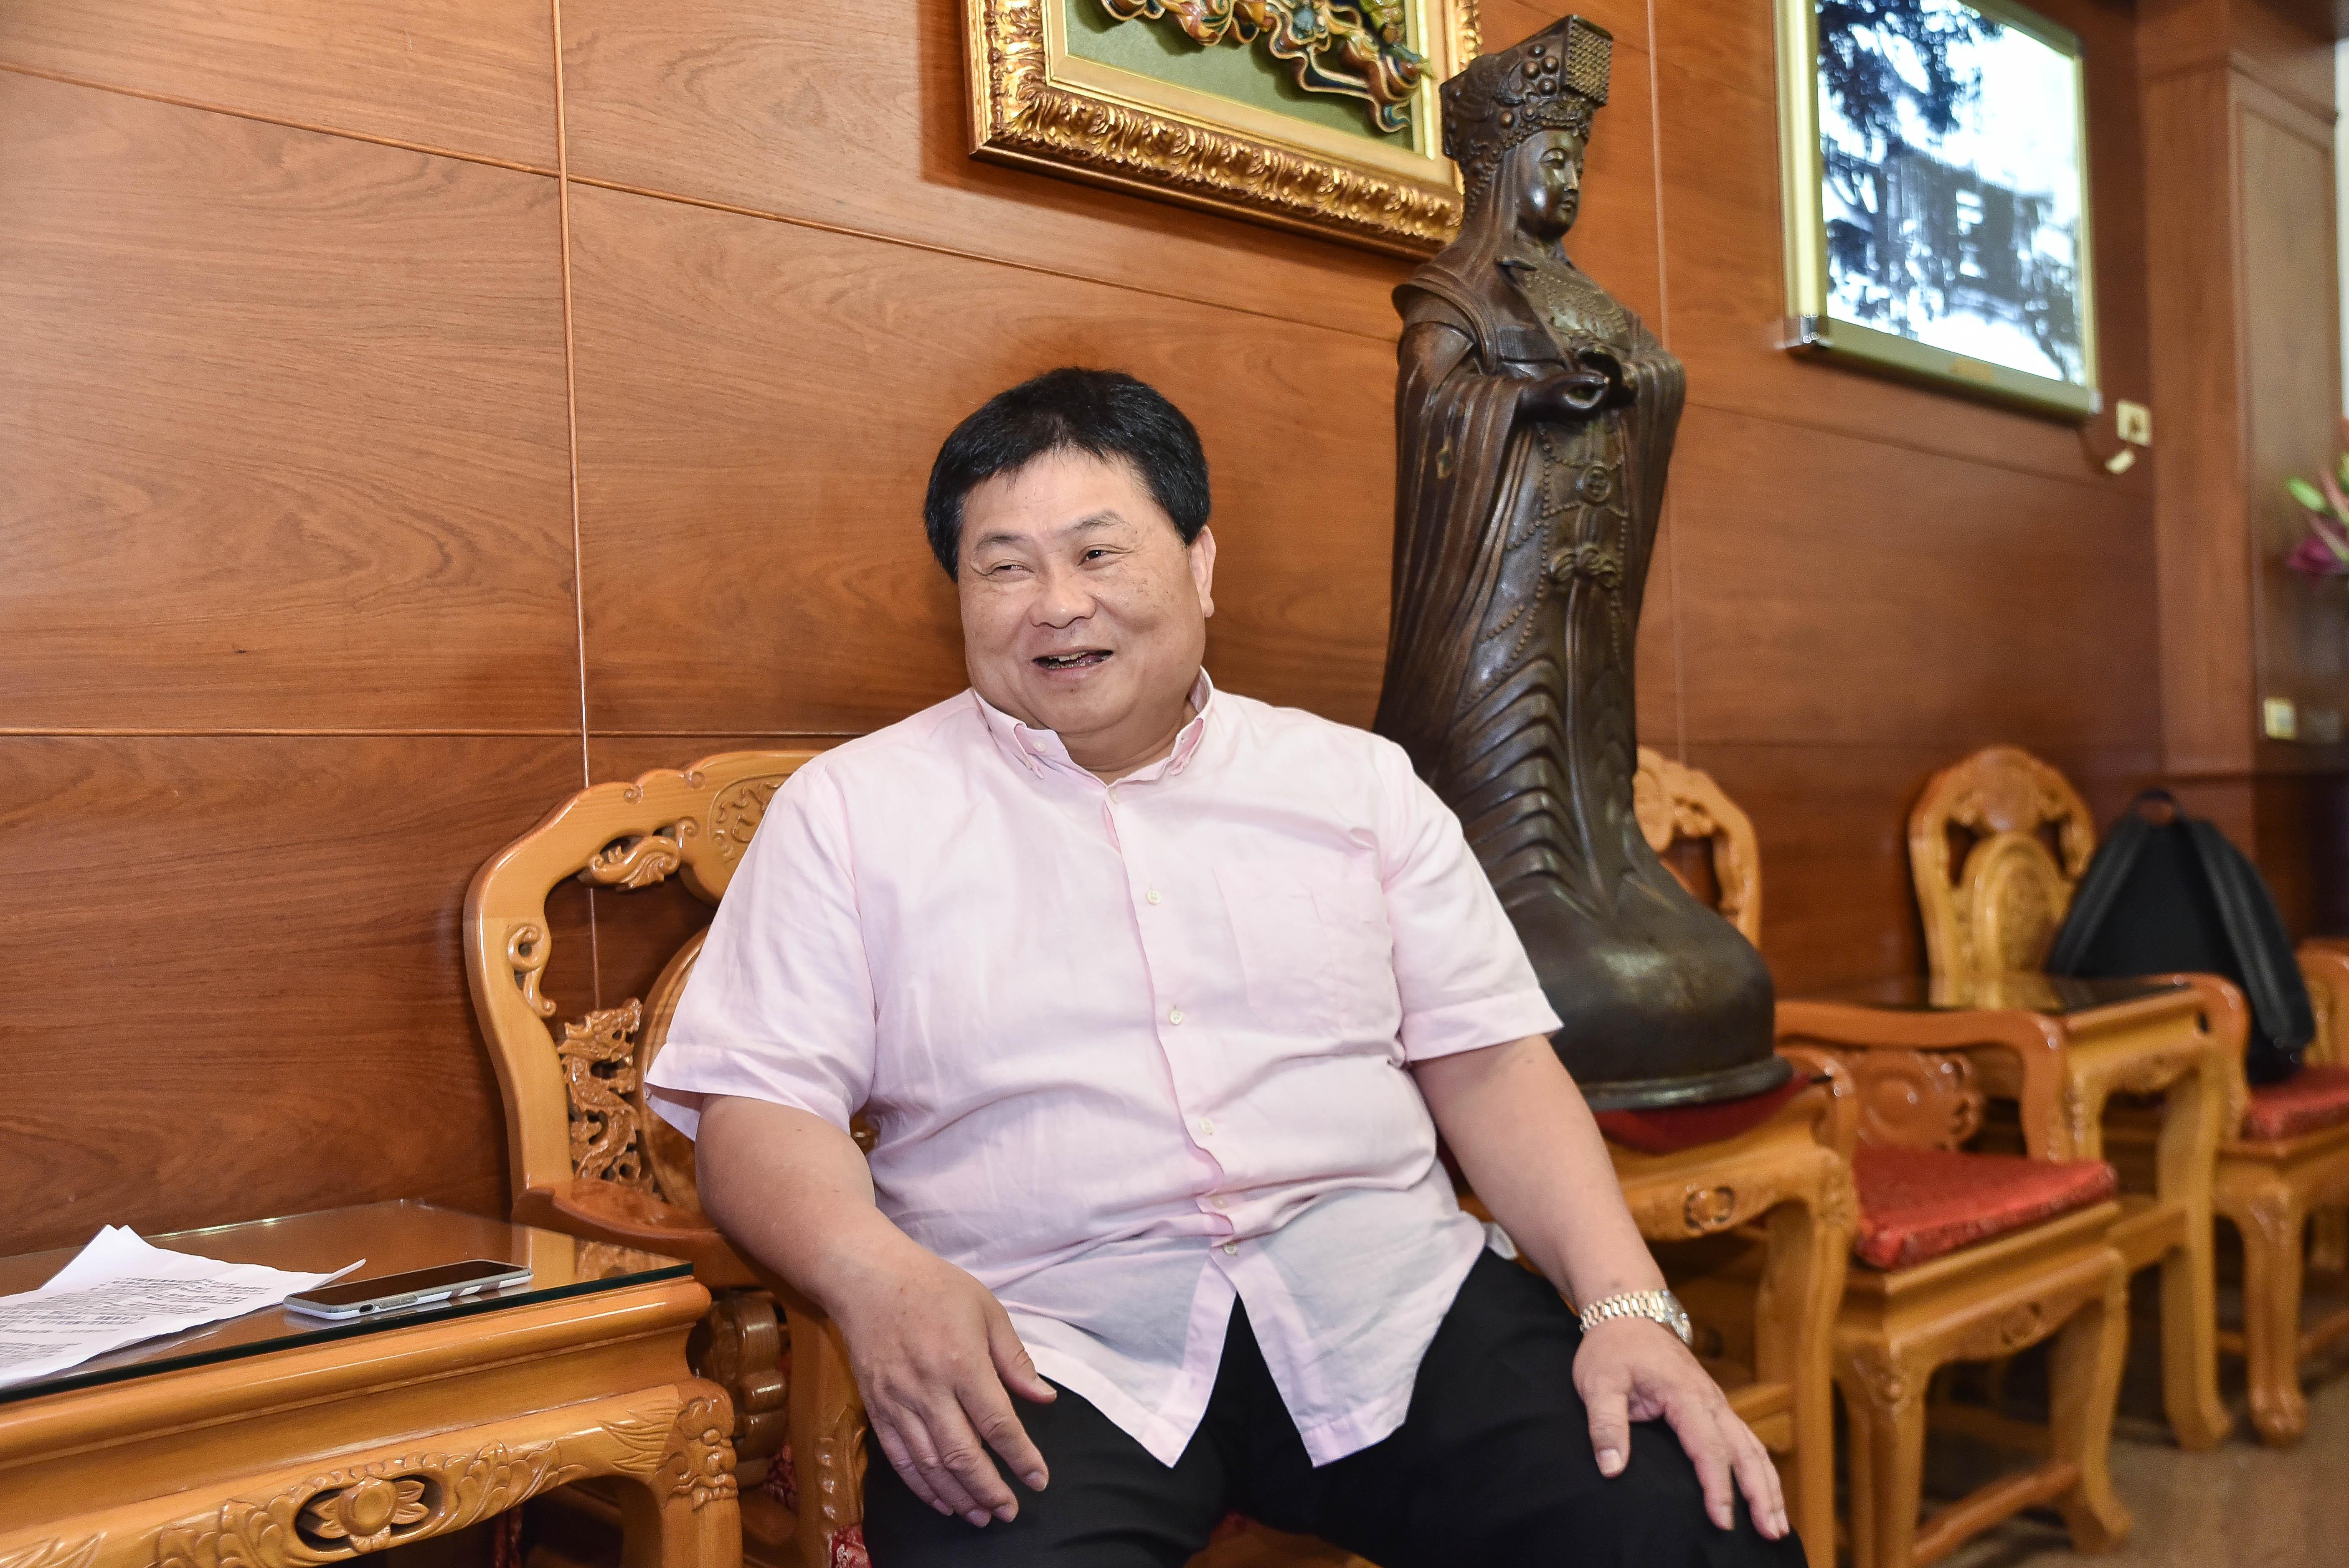 大甲鎮瀾宮專訪董事長顏清標專訪。(圖/記者李毓康攝)